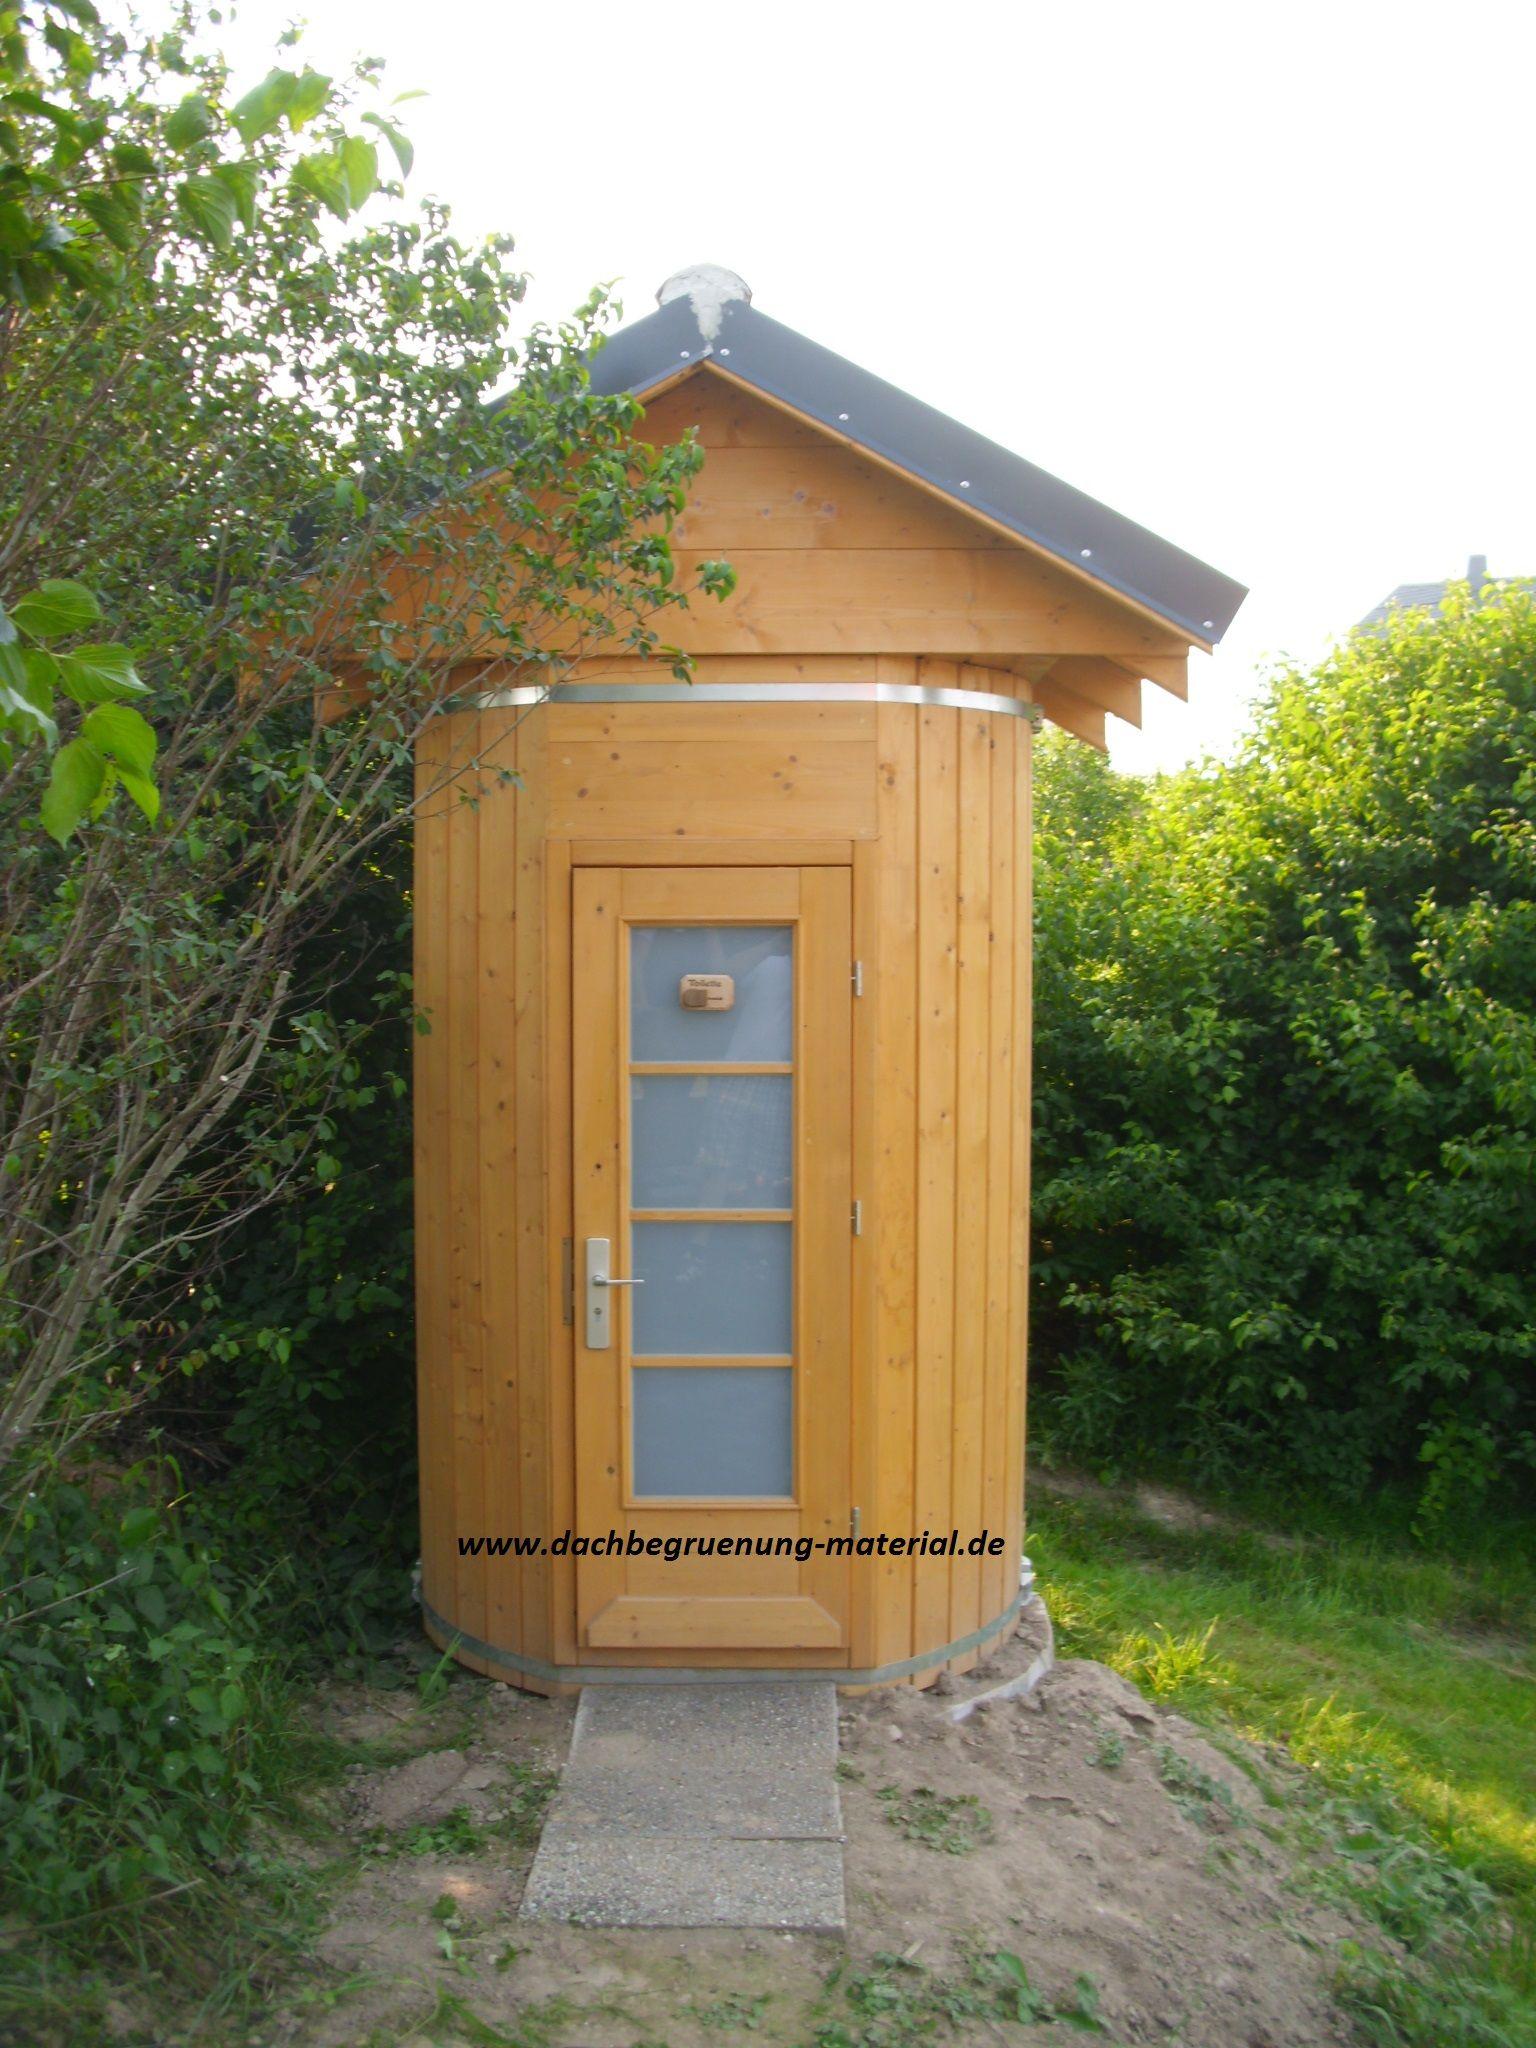 Inspirational Fasssauna u Garten WC bei dachbegruenung material de